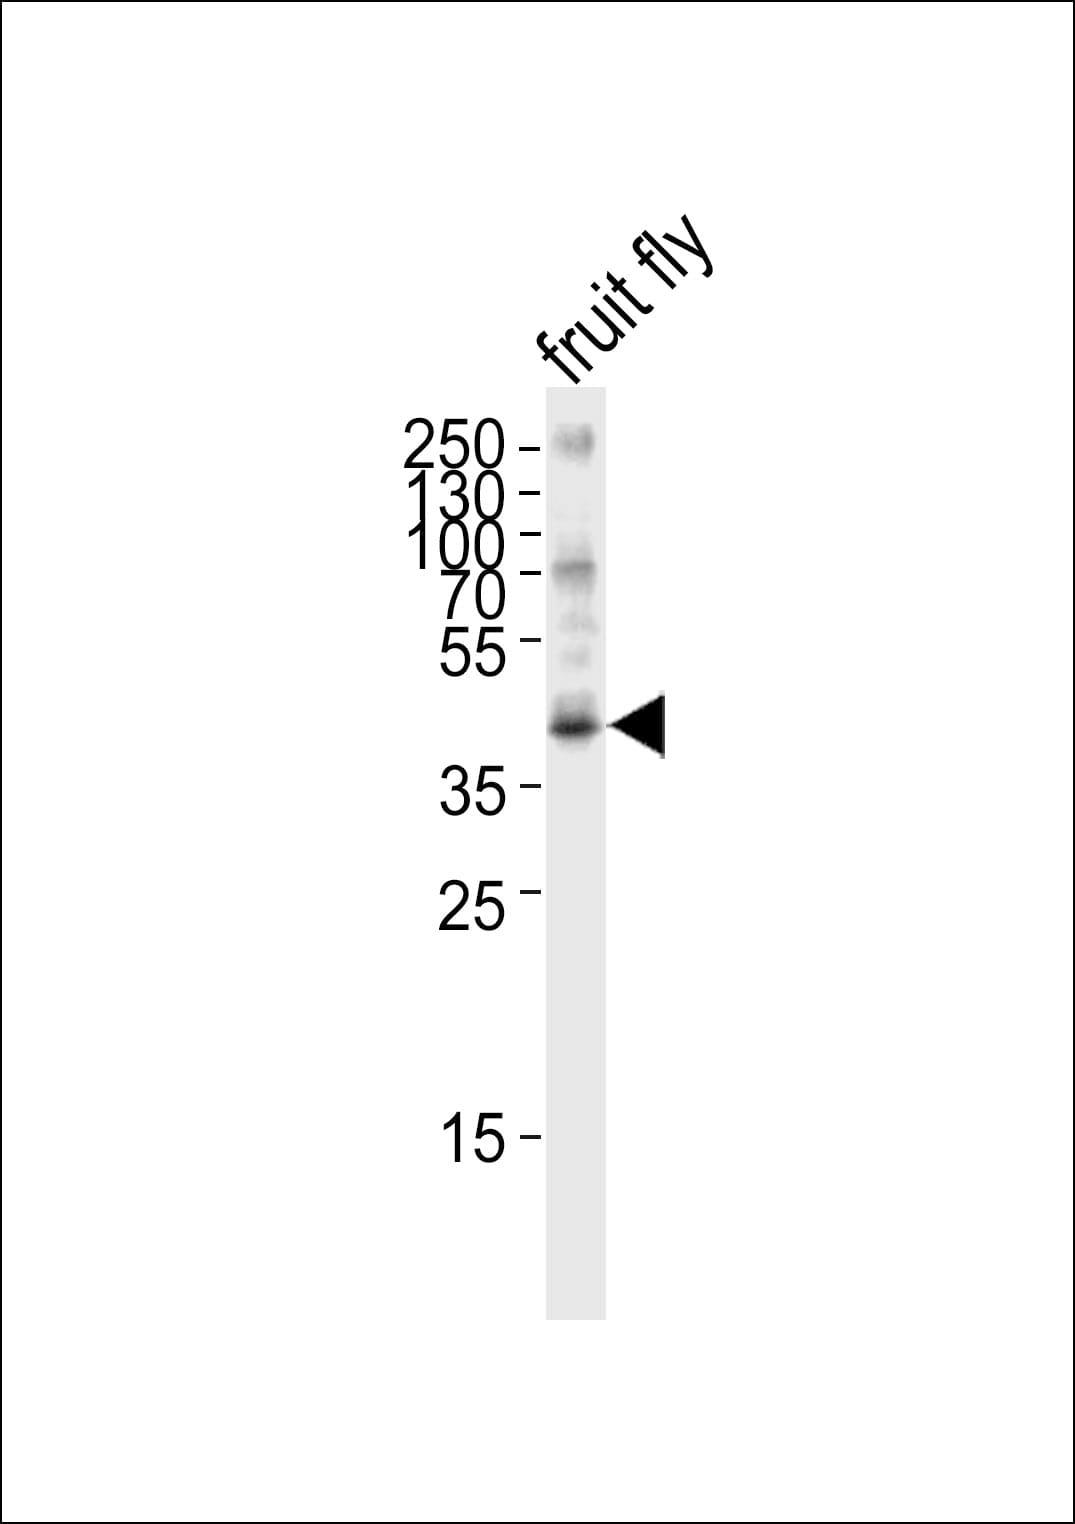 Bub3 Antibody in Western Blot (WB)